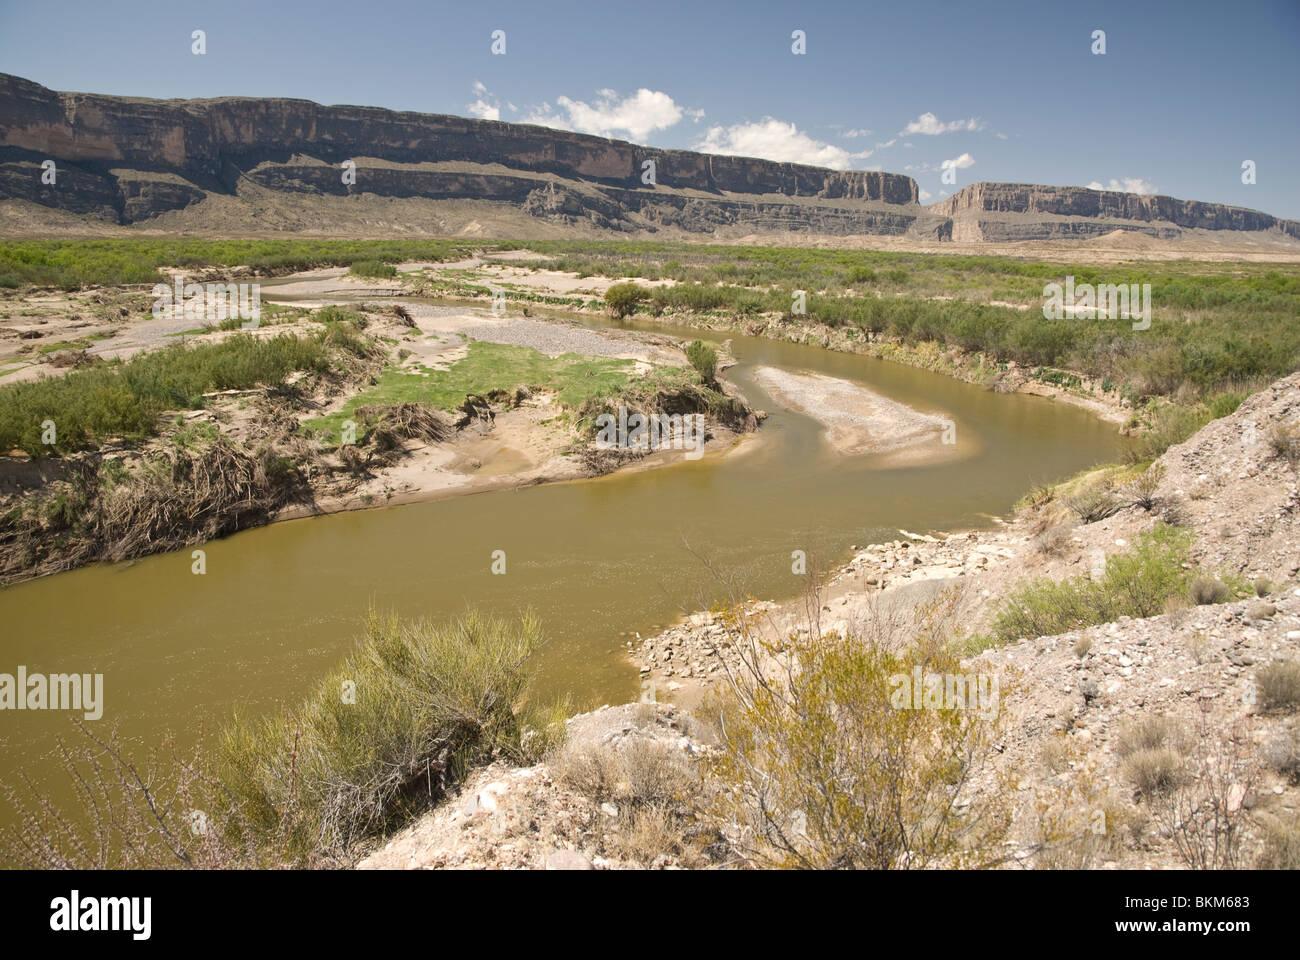 Rio Grande River Border Between USA And Mexico Mexico On The - Usa and mexico